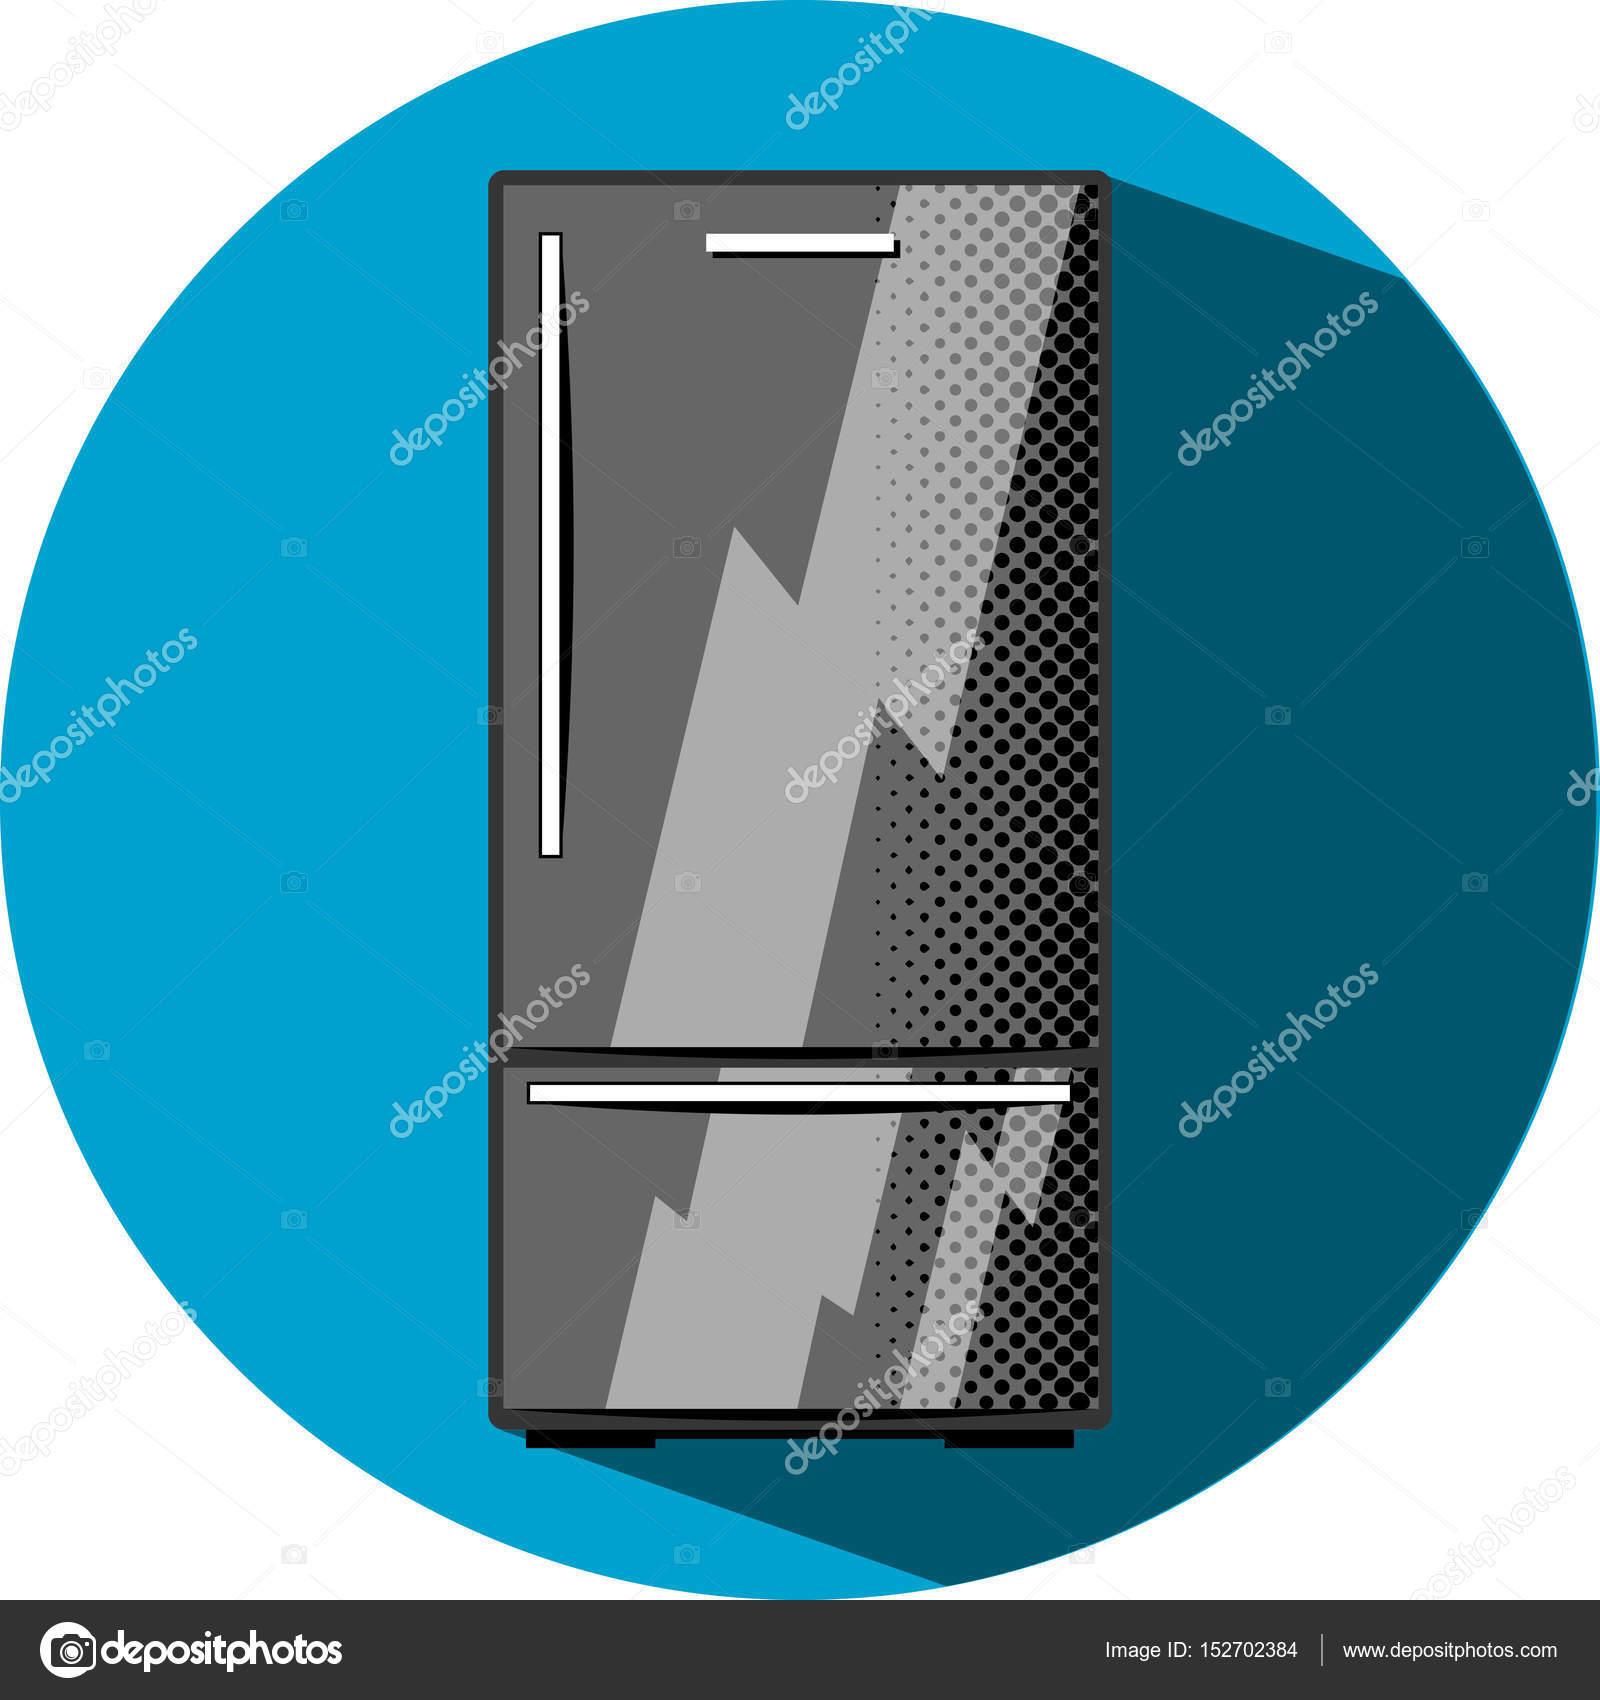 Schwarzer Kühlschrank mit Gefrierfach. Küche Gerät flach Stil Vektor ...